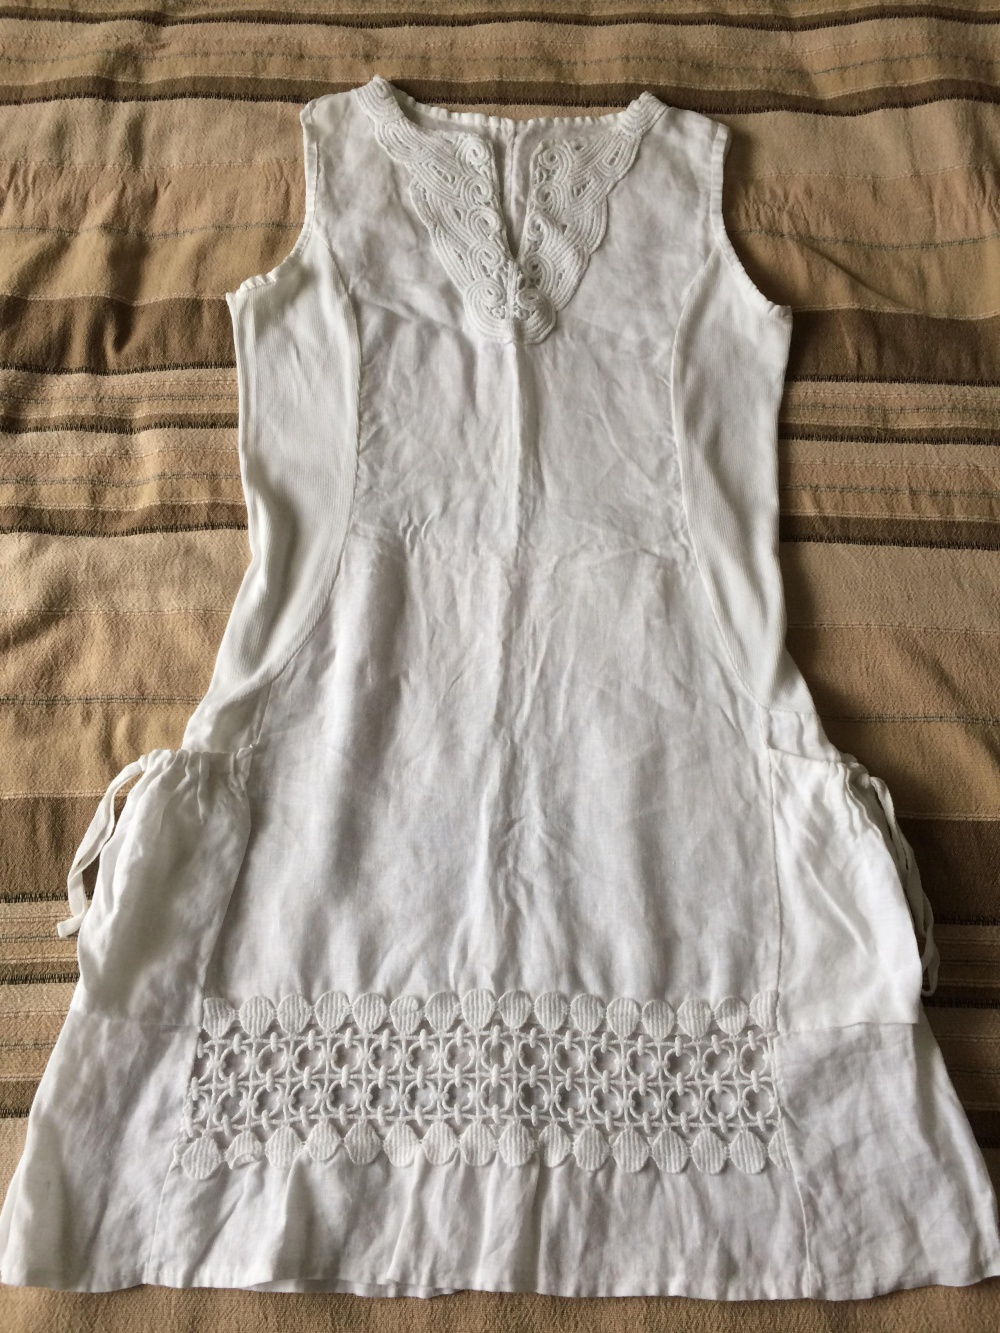 Белое платье, лён, Польша, размер М